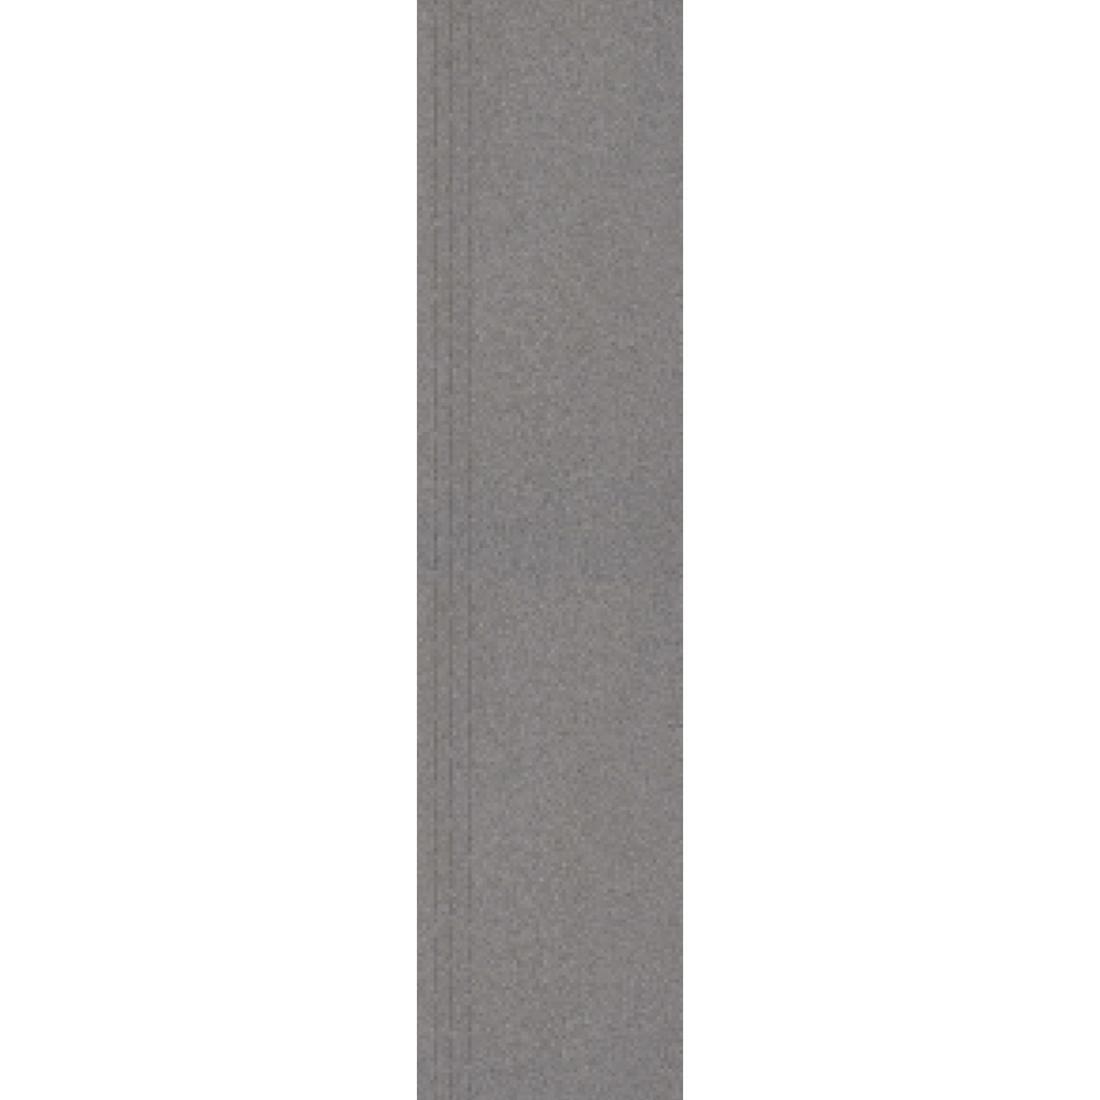 Keramica Magic Gris K2007 Step Tiles